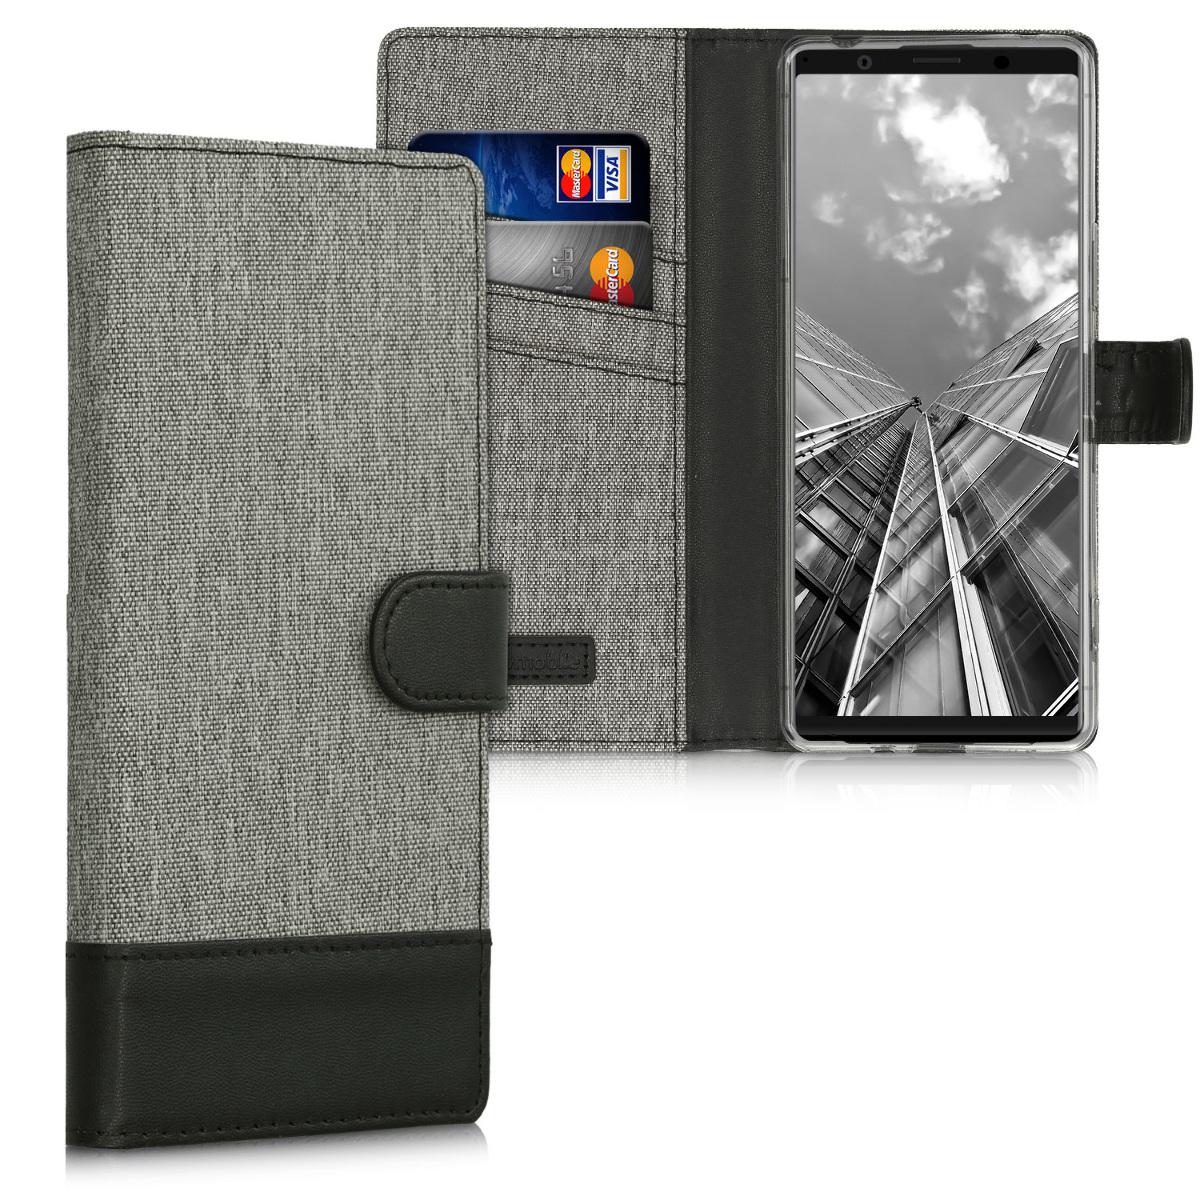 Textilní látkové pouzdro   obal pro Sony Xperia 1 II - šedé/ černé